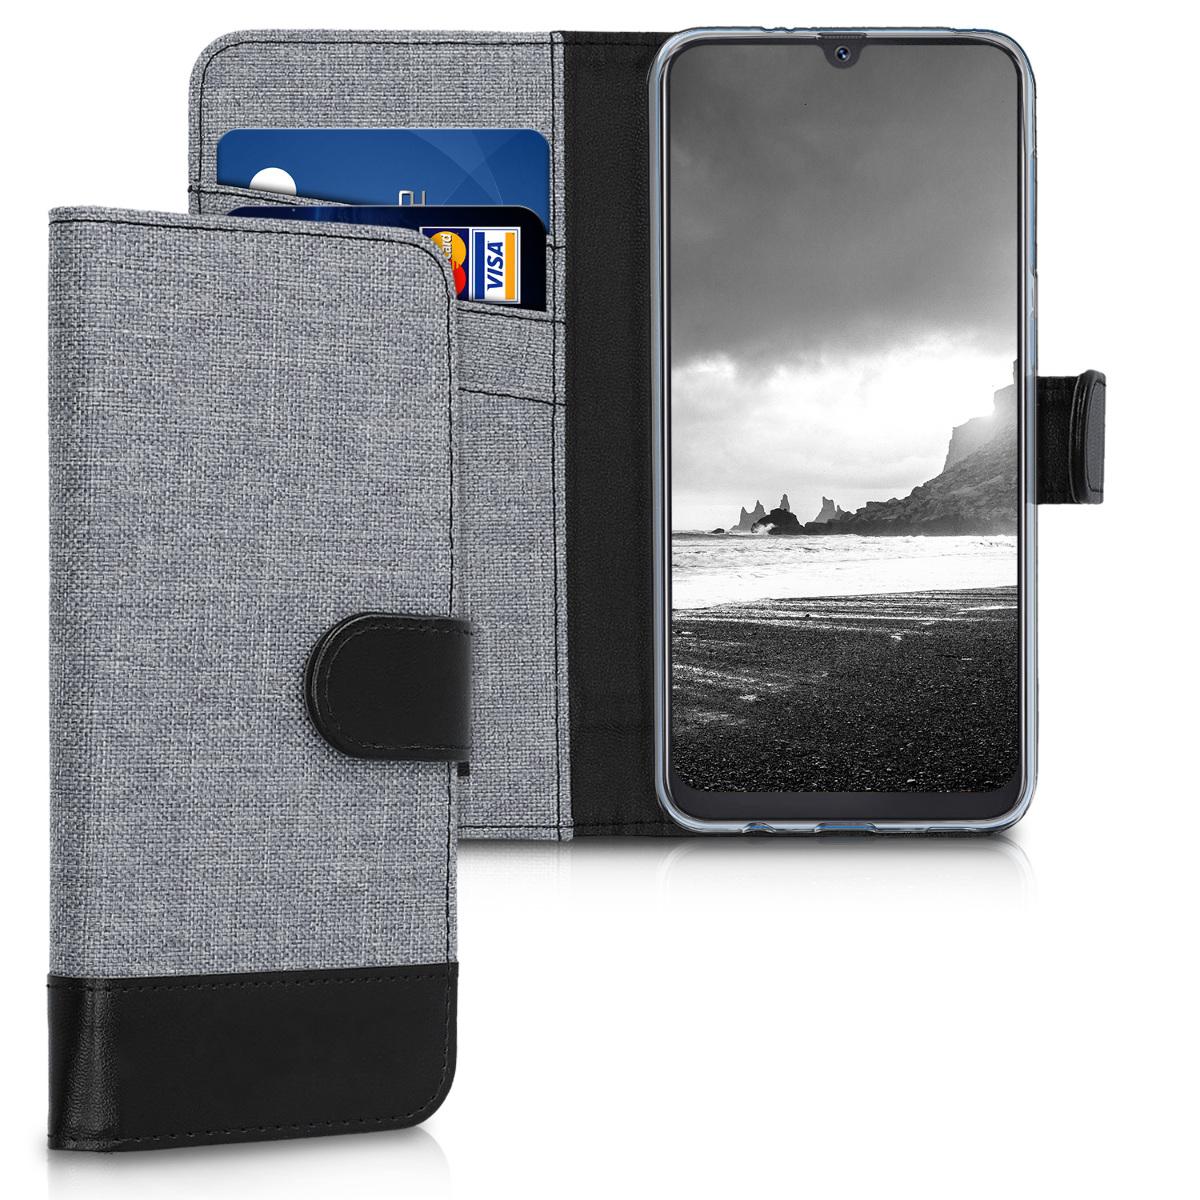 Fabricpouzdro pro Samsung A50 - šedé / černé